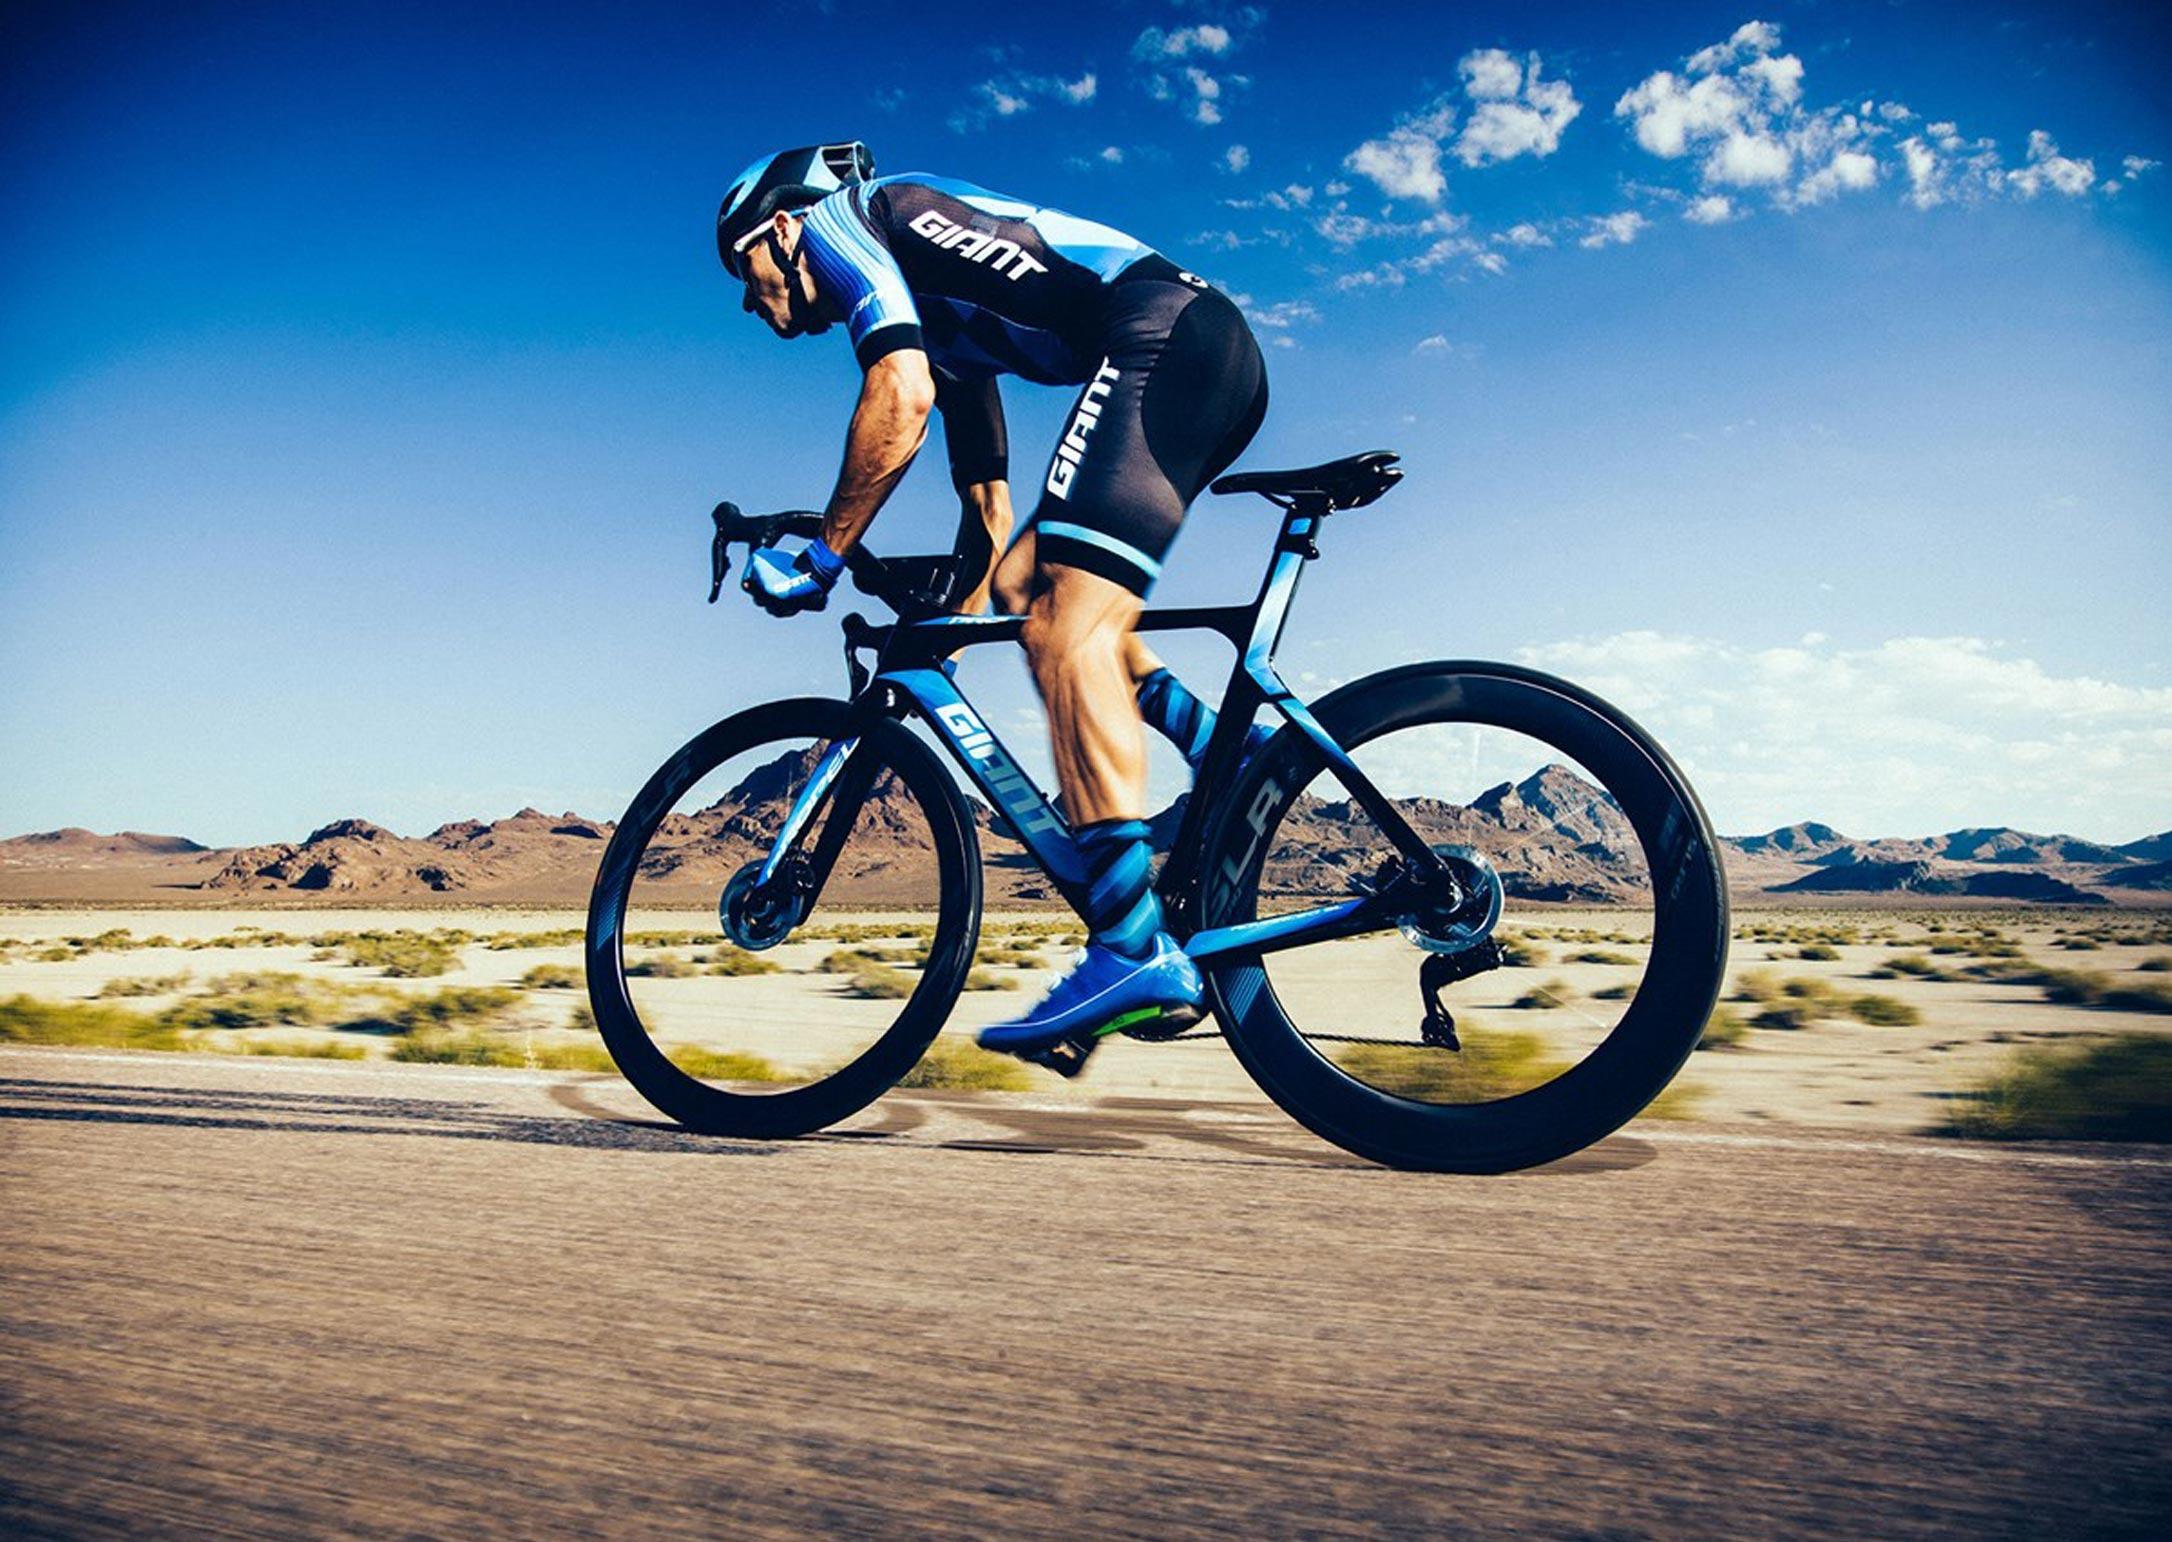 giant-road-bike-aero-road-bike-carbon-3